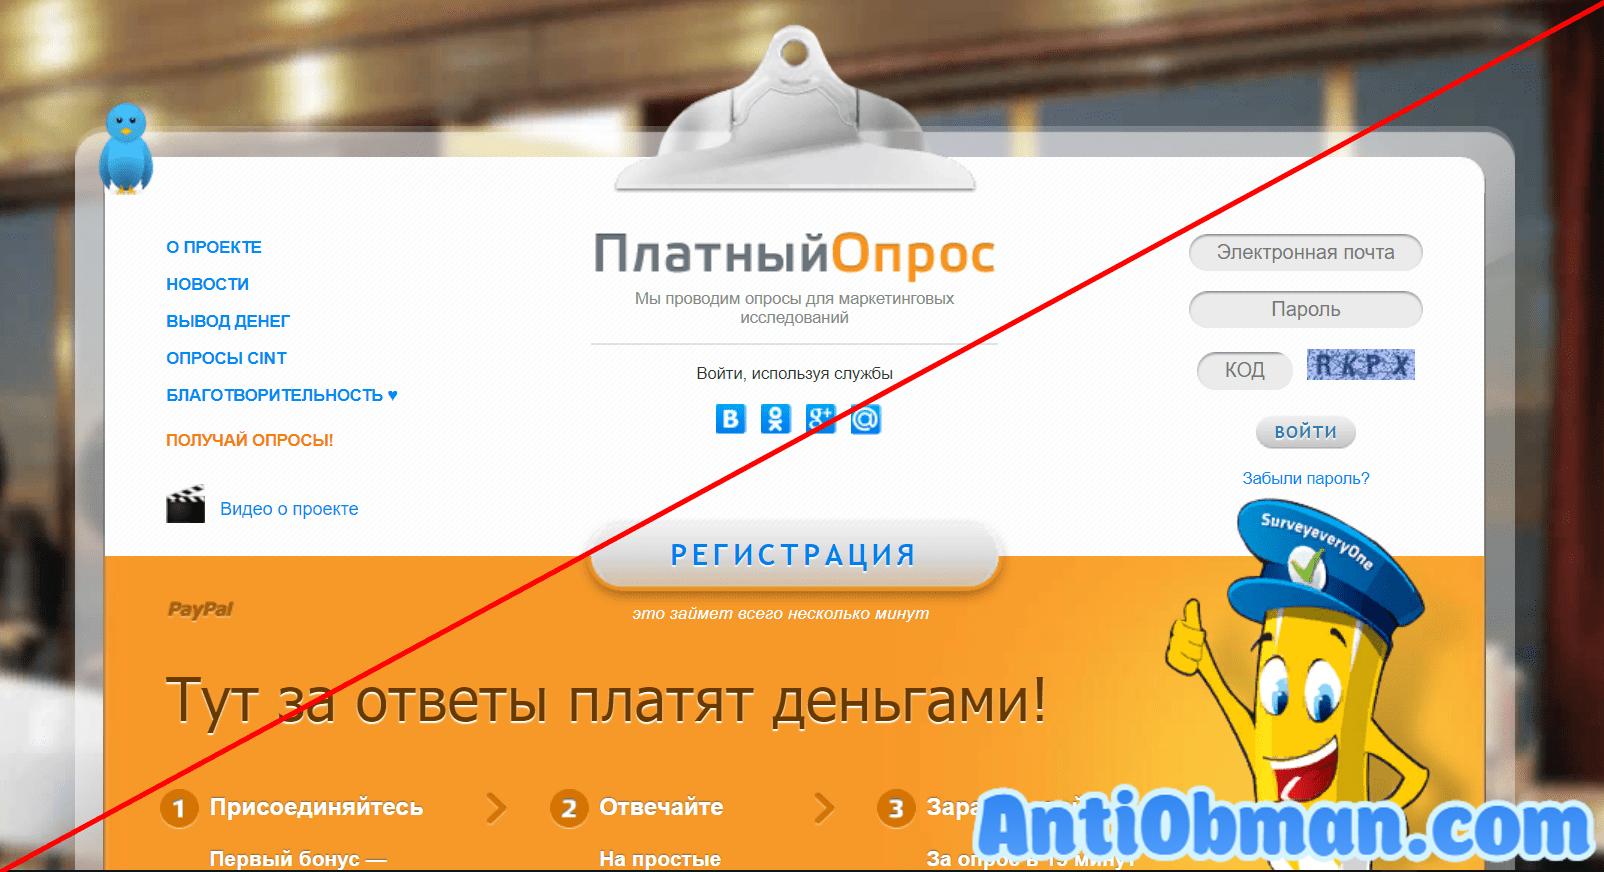 Платный опрос platnijopros.ru - отзывы и обзор